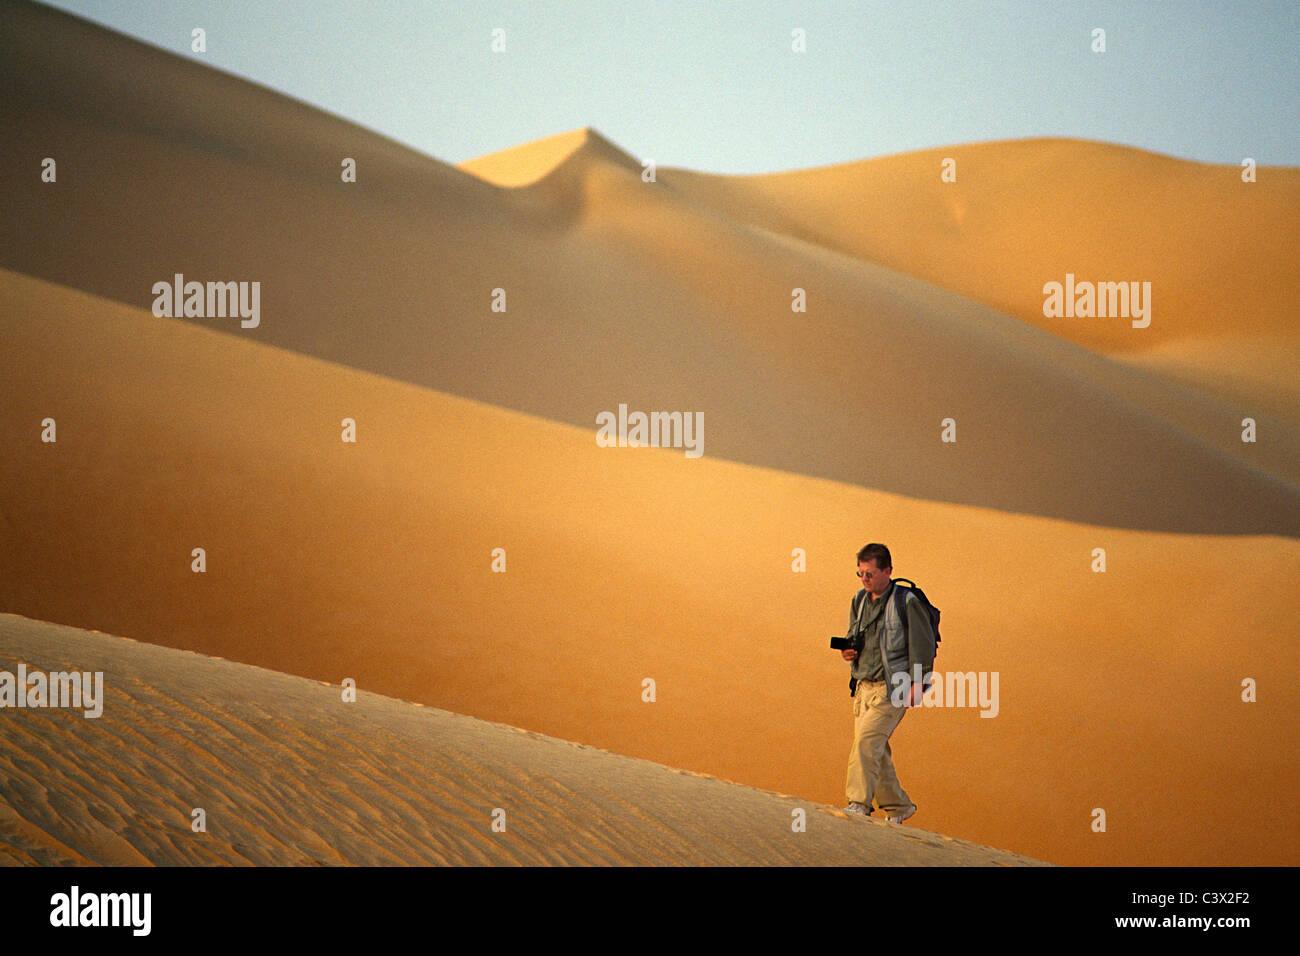 Algeria, Djanet, Sahara Desert, Photographer Frans Lemmens walking on sand dune. - Stock Image